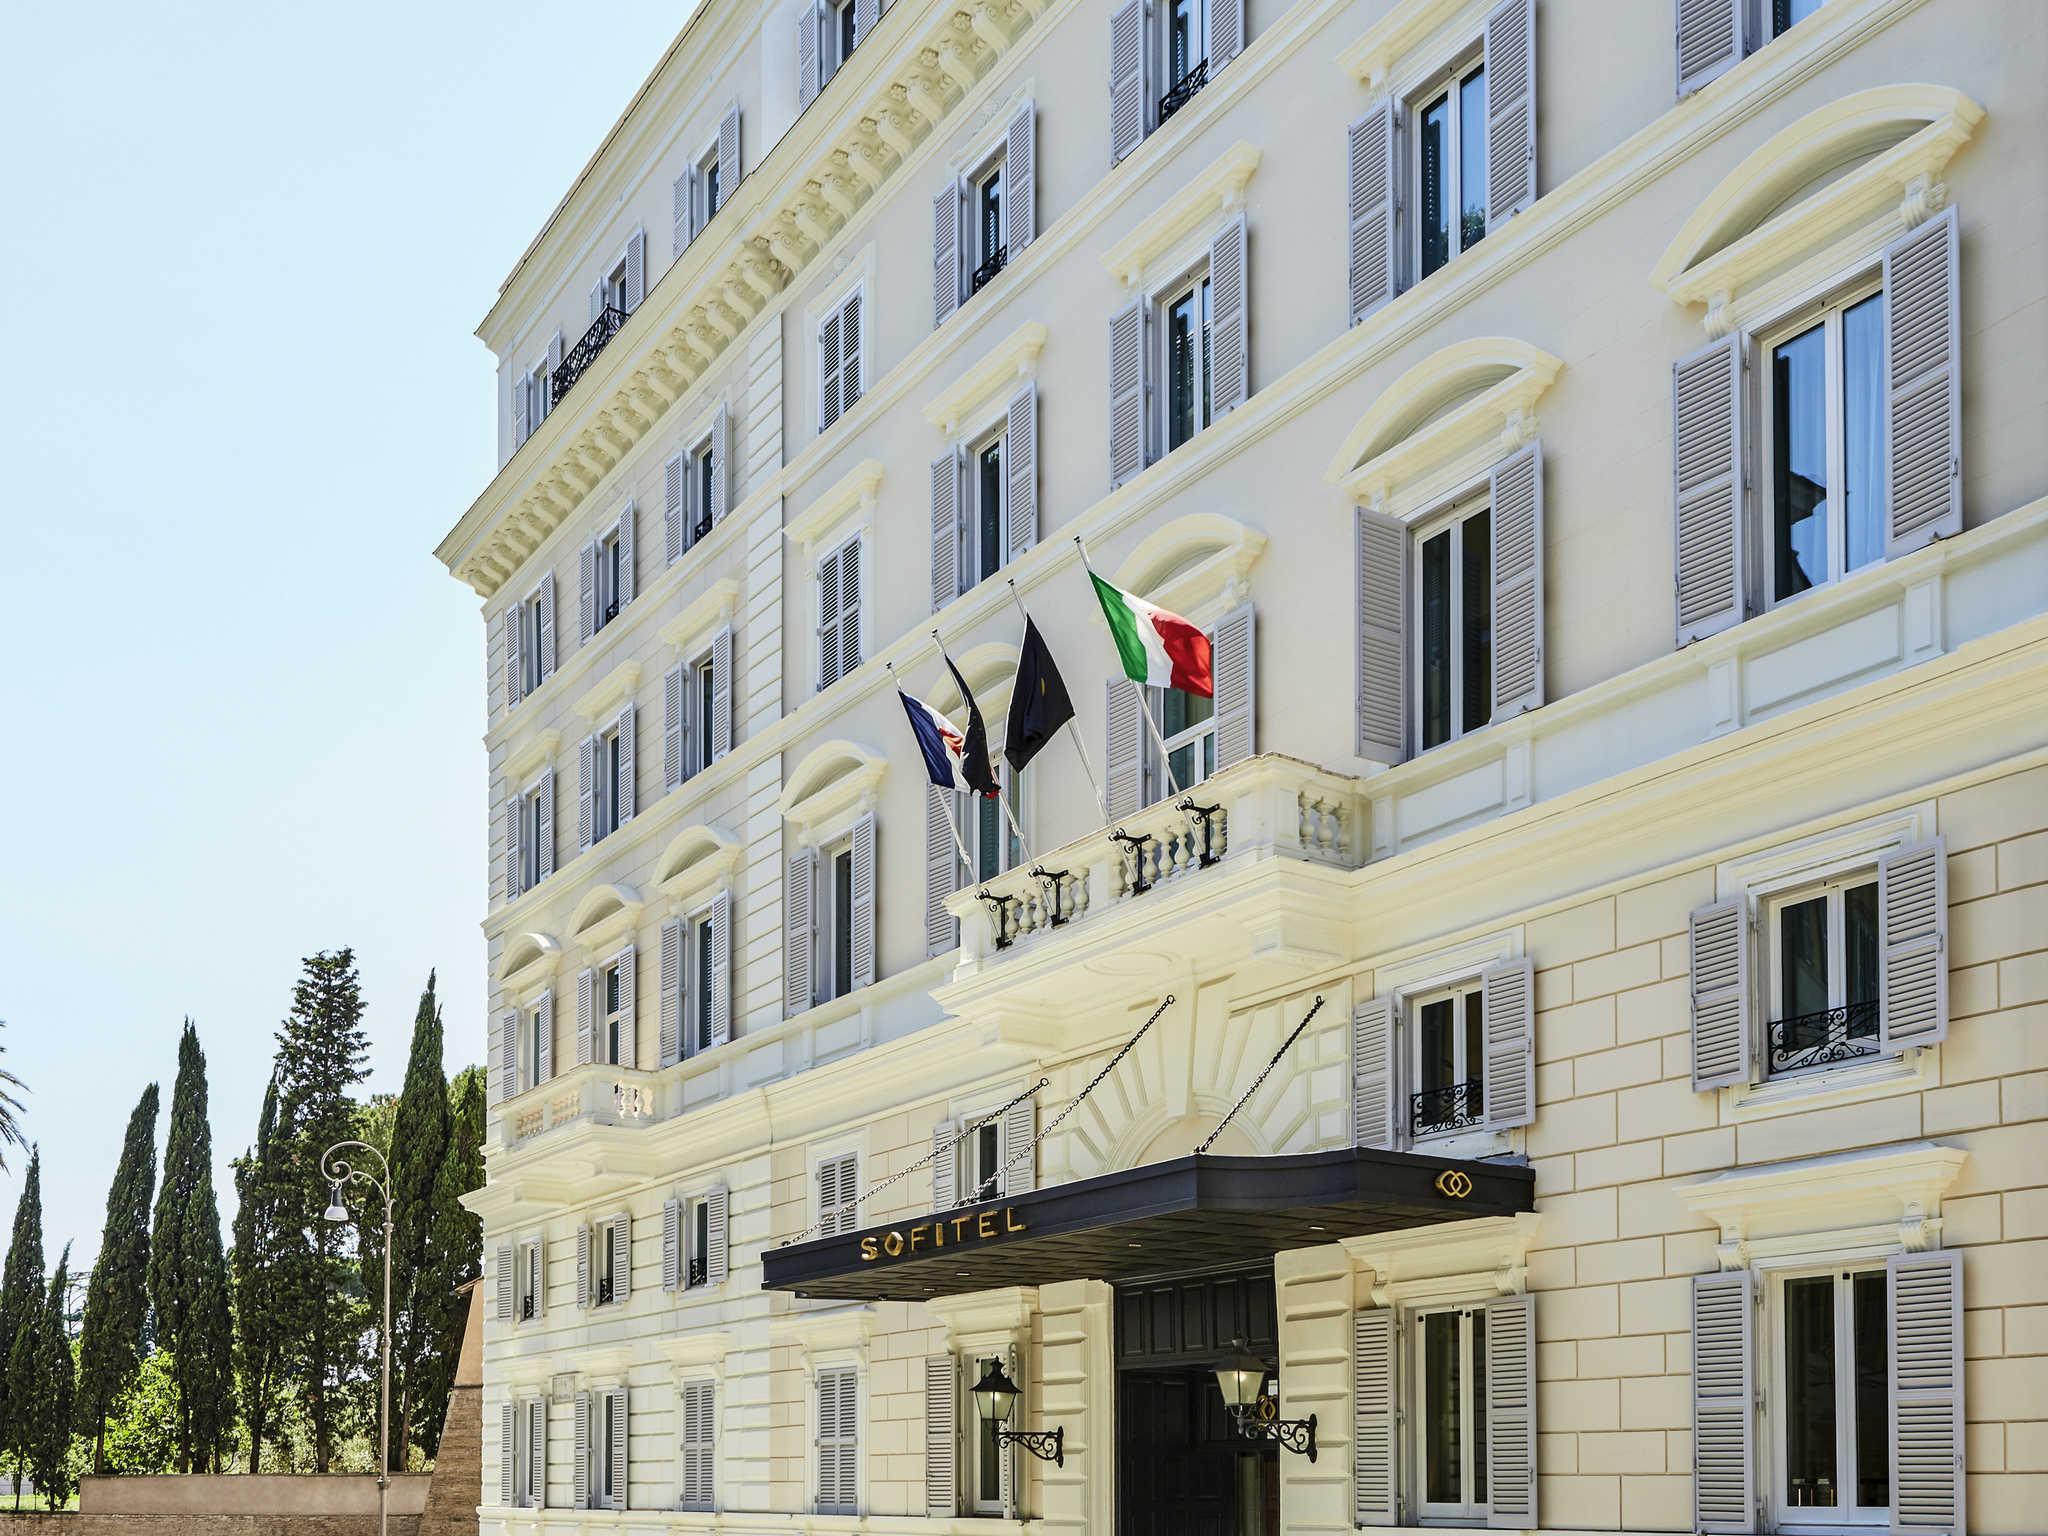 Hotel – Sofitel Roma Villa Borghese